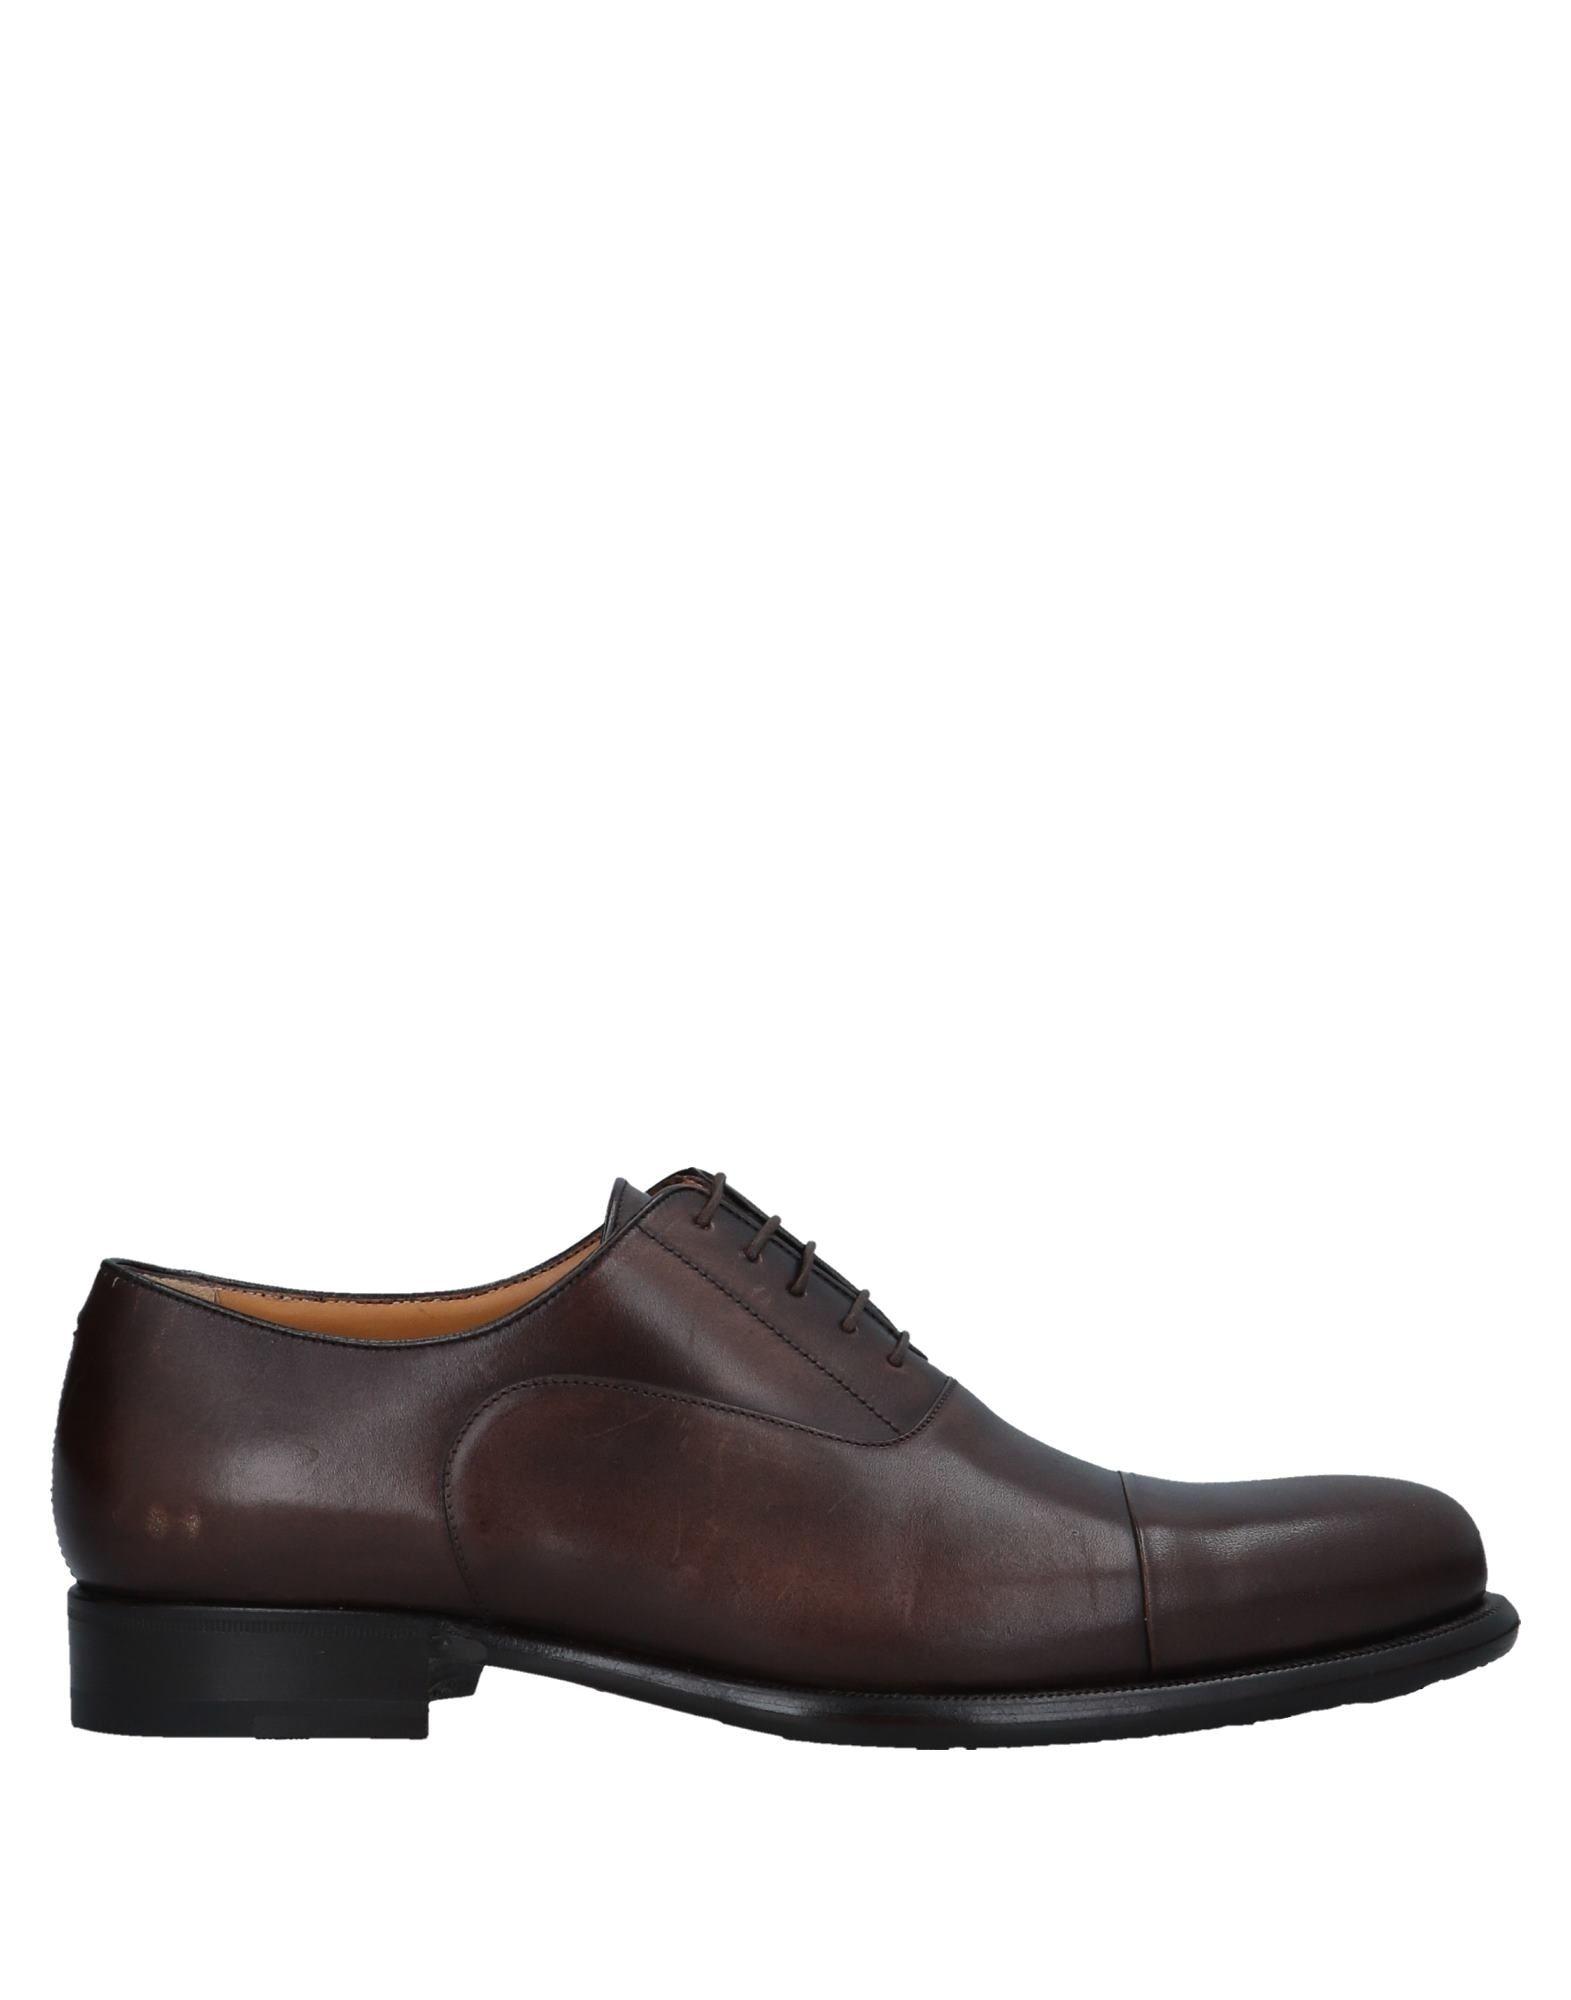 A.Testoni Schnürschuhe Herren  11542504MR Gute Qualität beliebte Schuhe